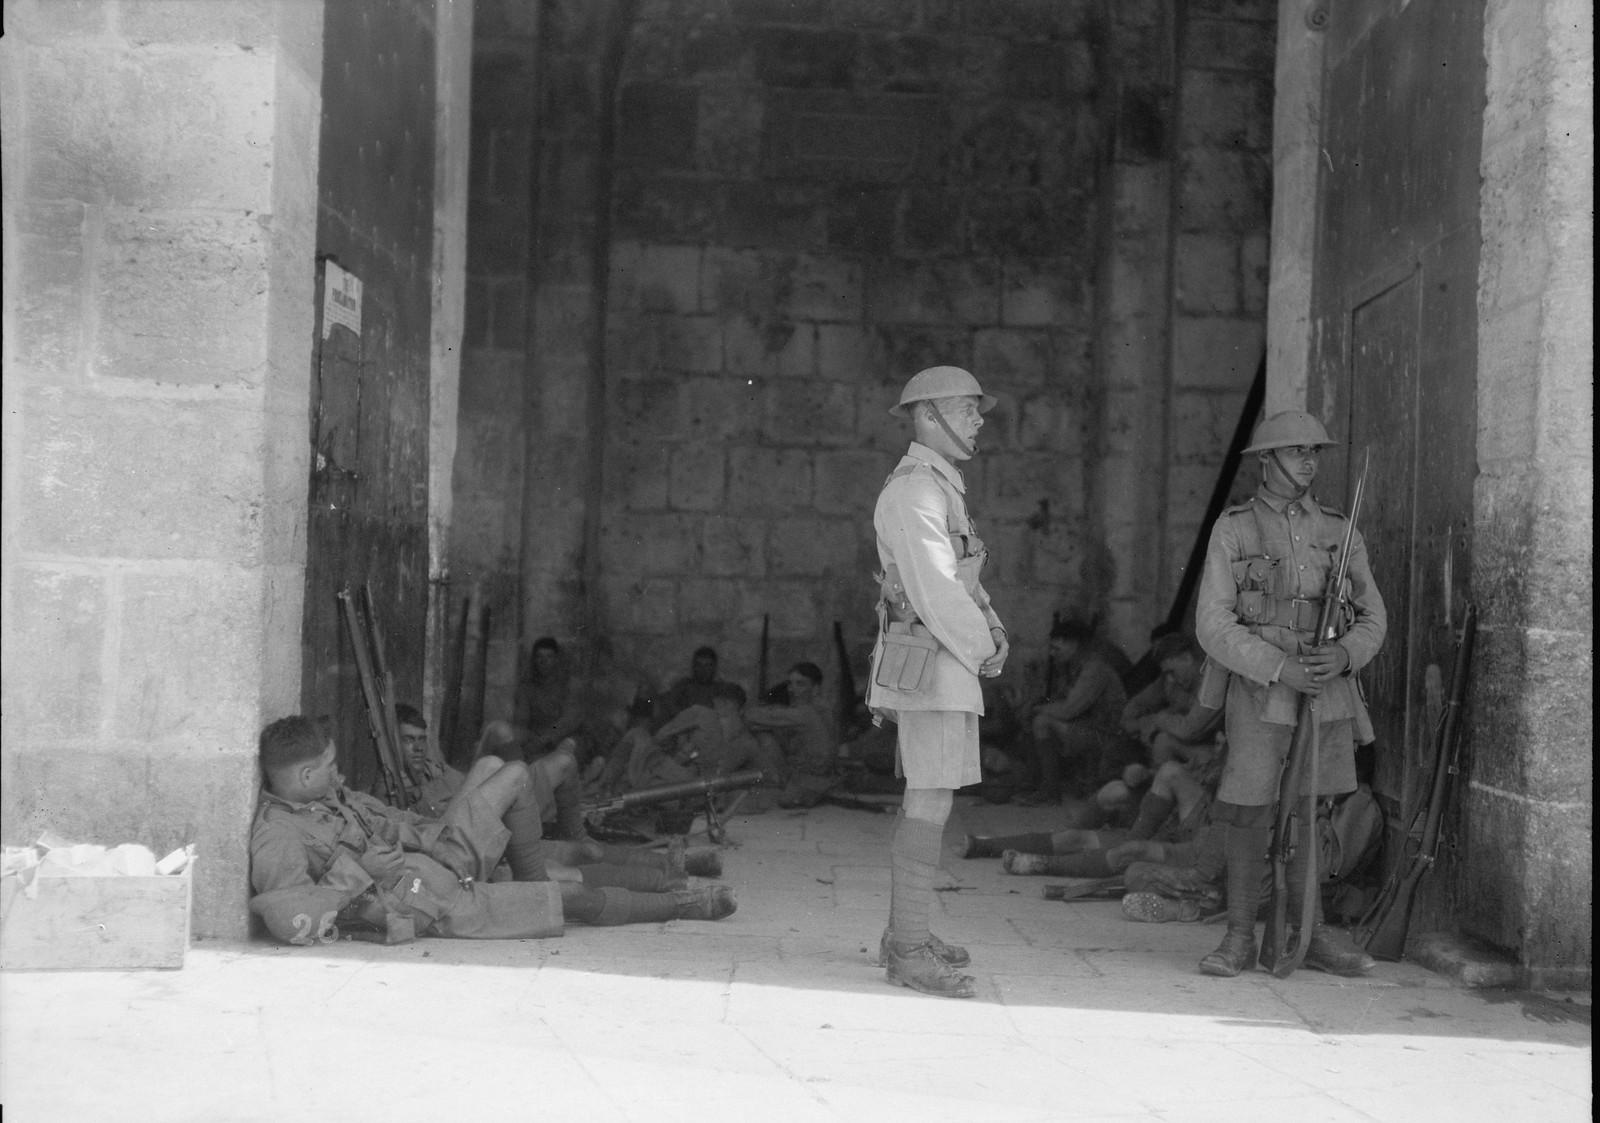 17. 23–31 августа. Британские войска дислоцировались у Дамасских ворот с полным боекомплектом, включая пулеметы